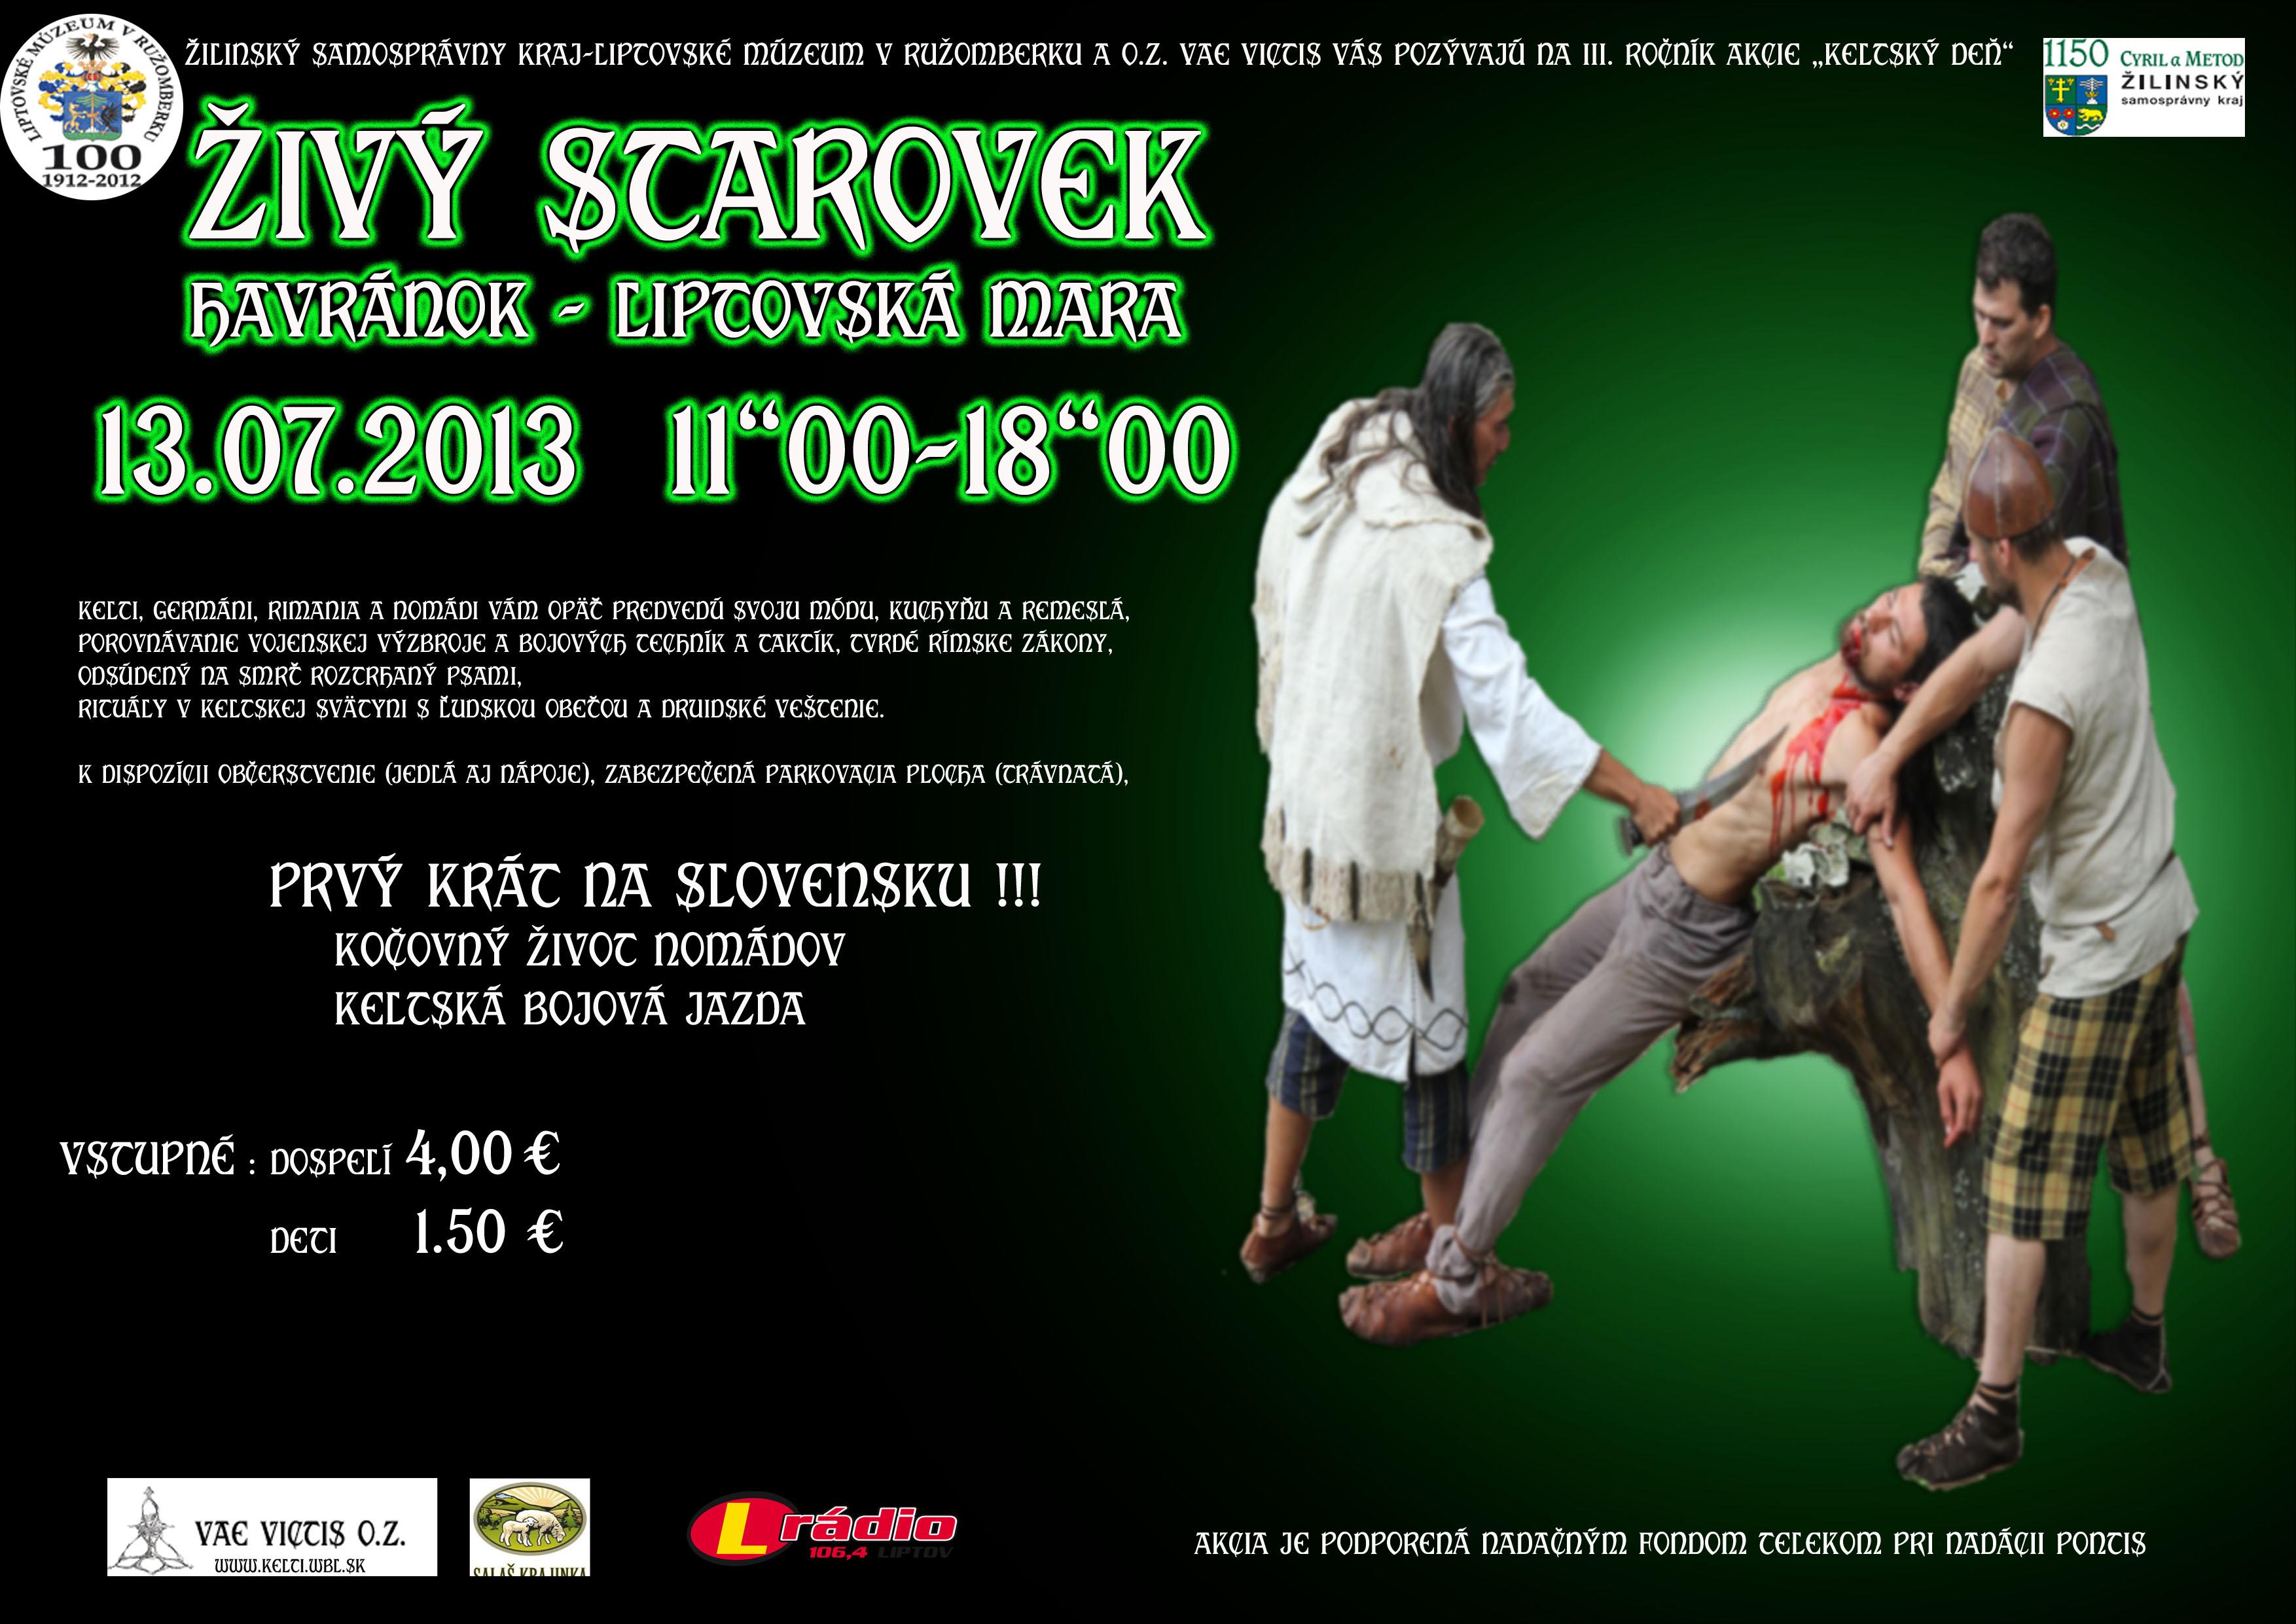 keltsky-den-zivy-starovek-2013